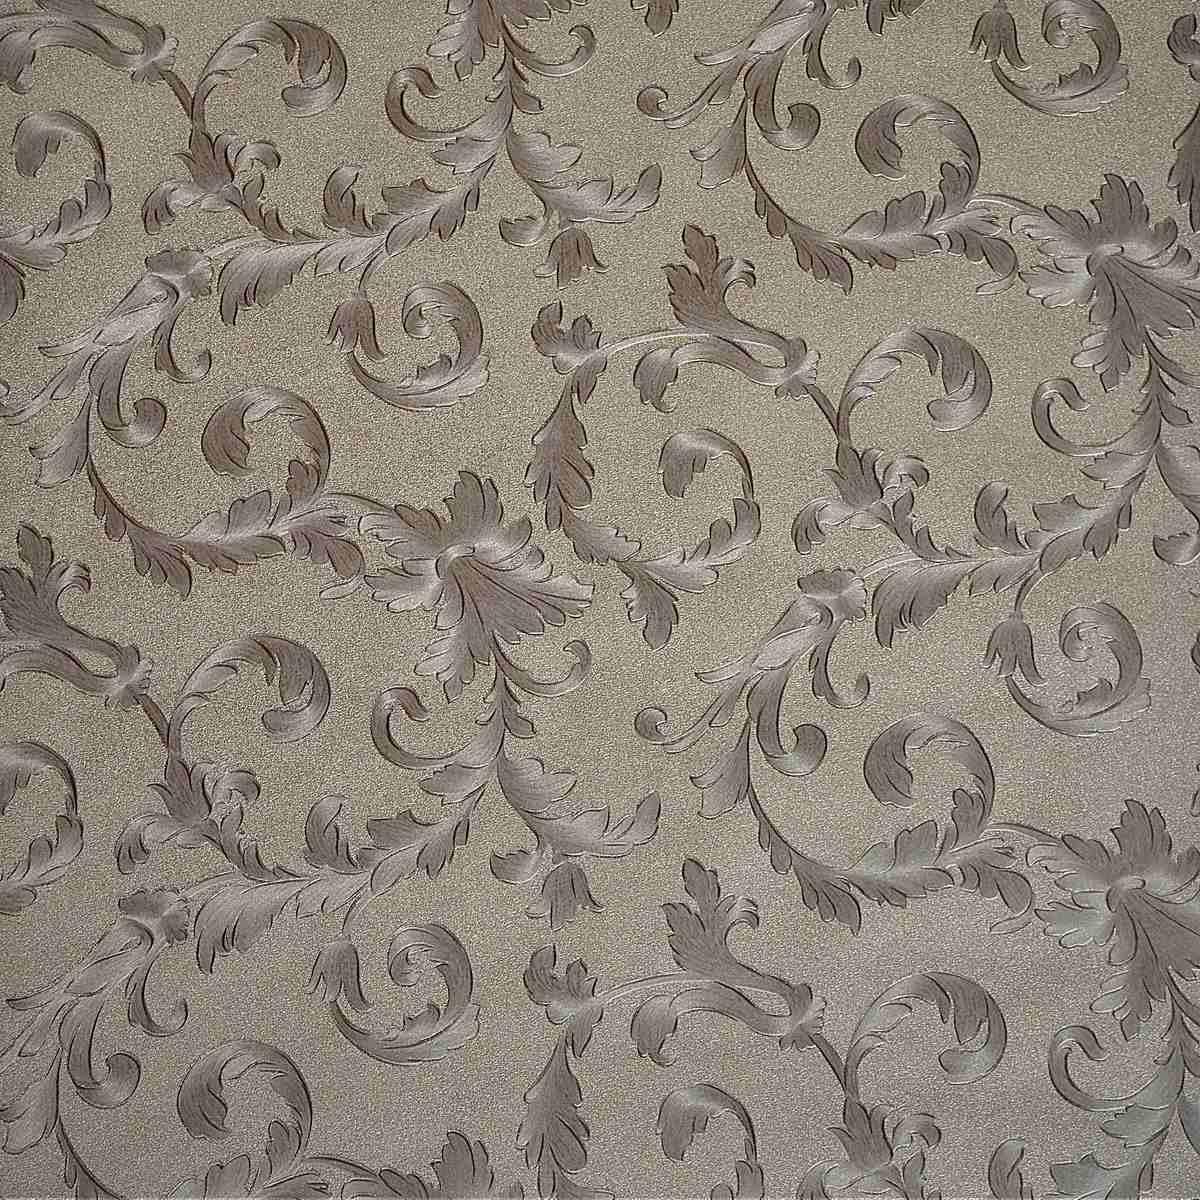 Papel de parede importado textura em relevo brilho - Paredes de papel ...